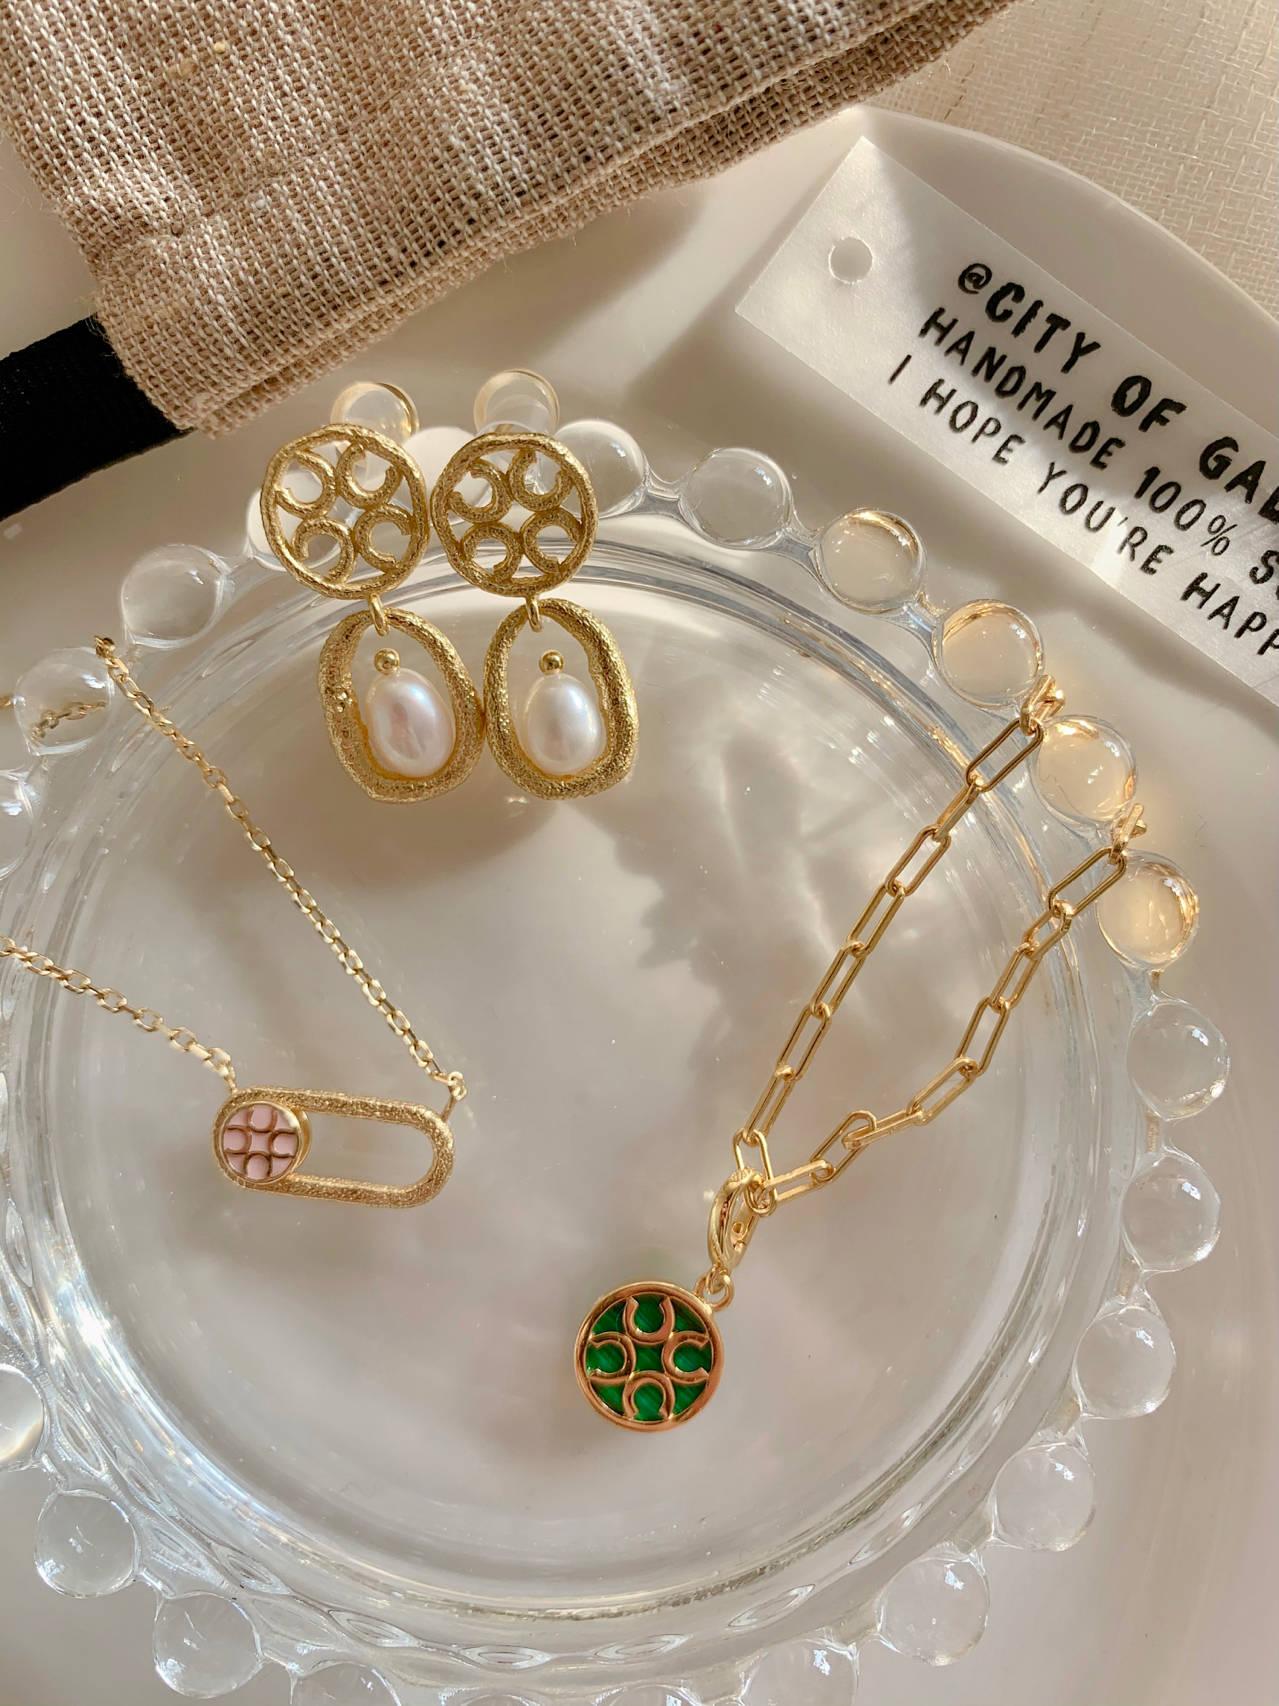 私藏宝藏ORANGE CUBE幸运首饰•开启新年好运的金饰们